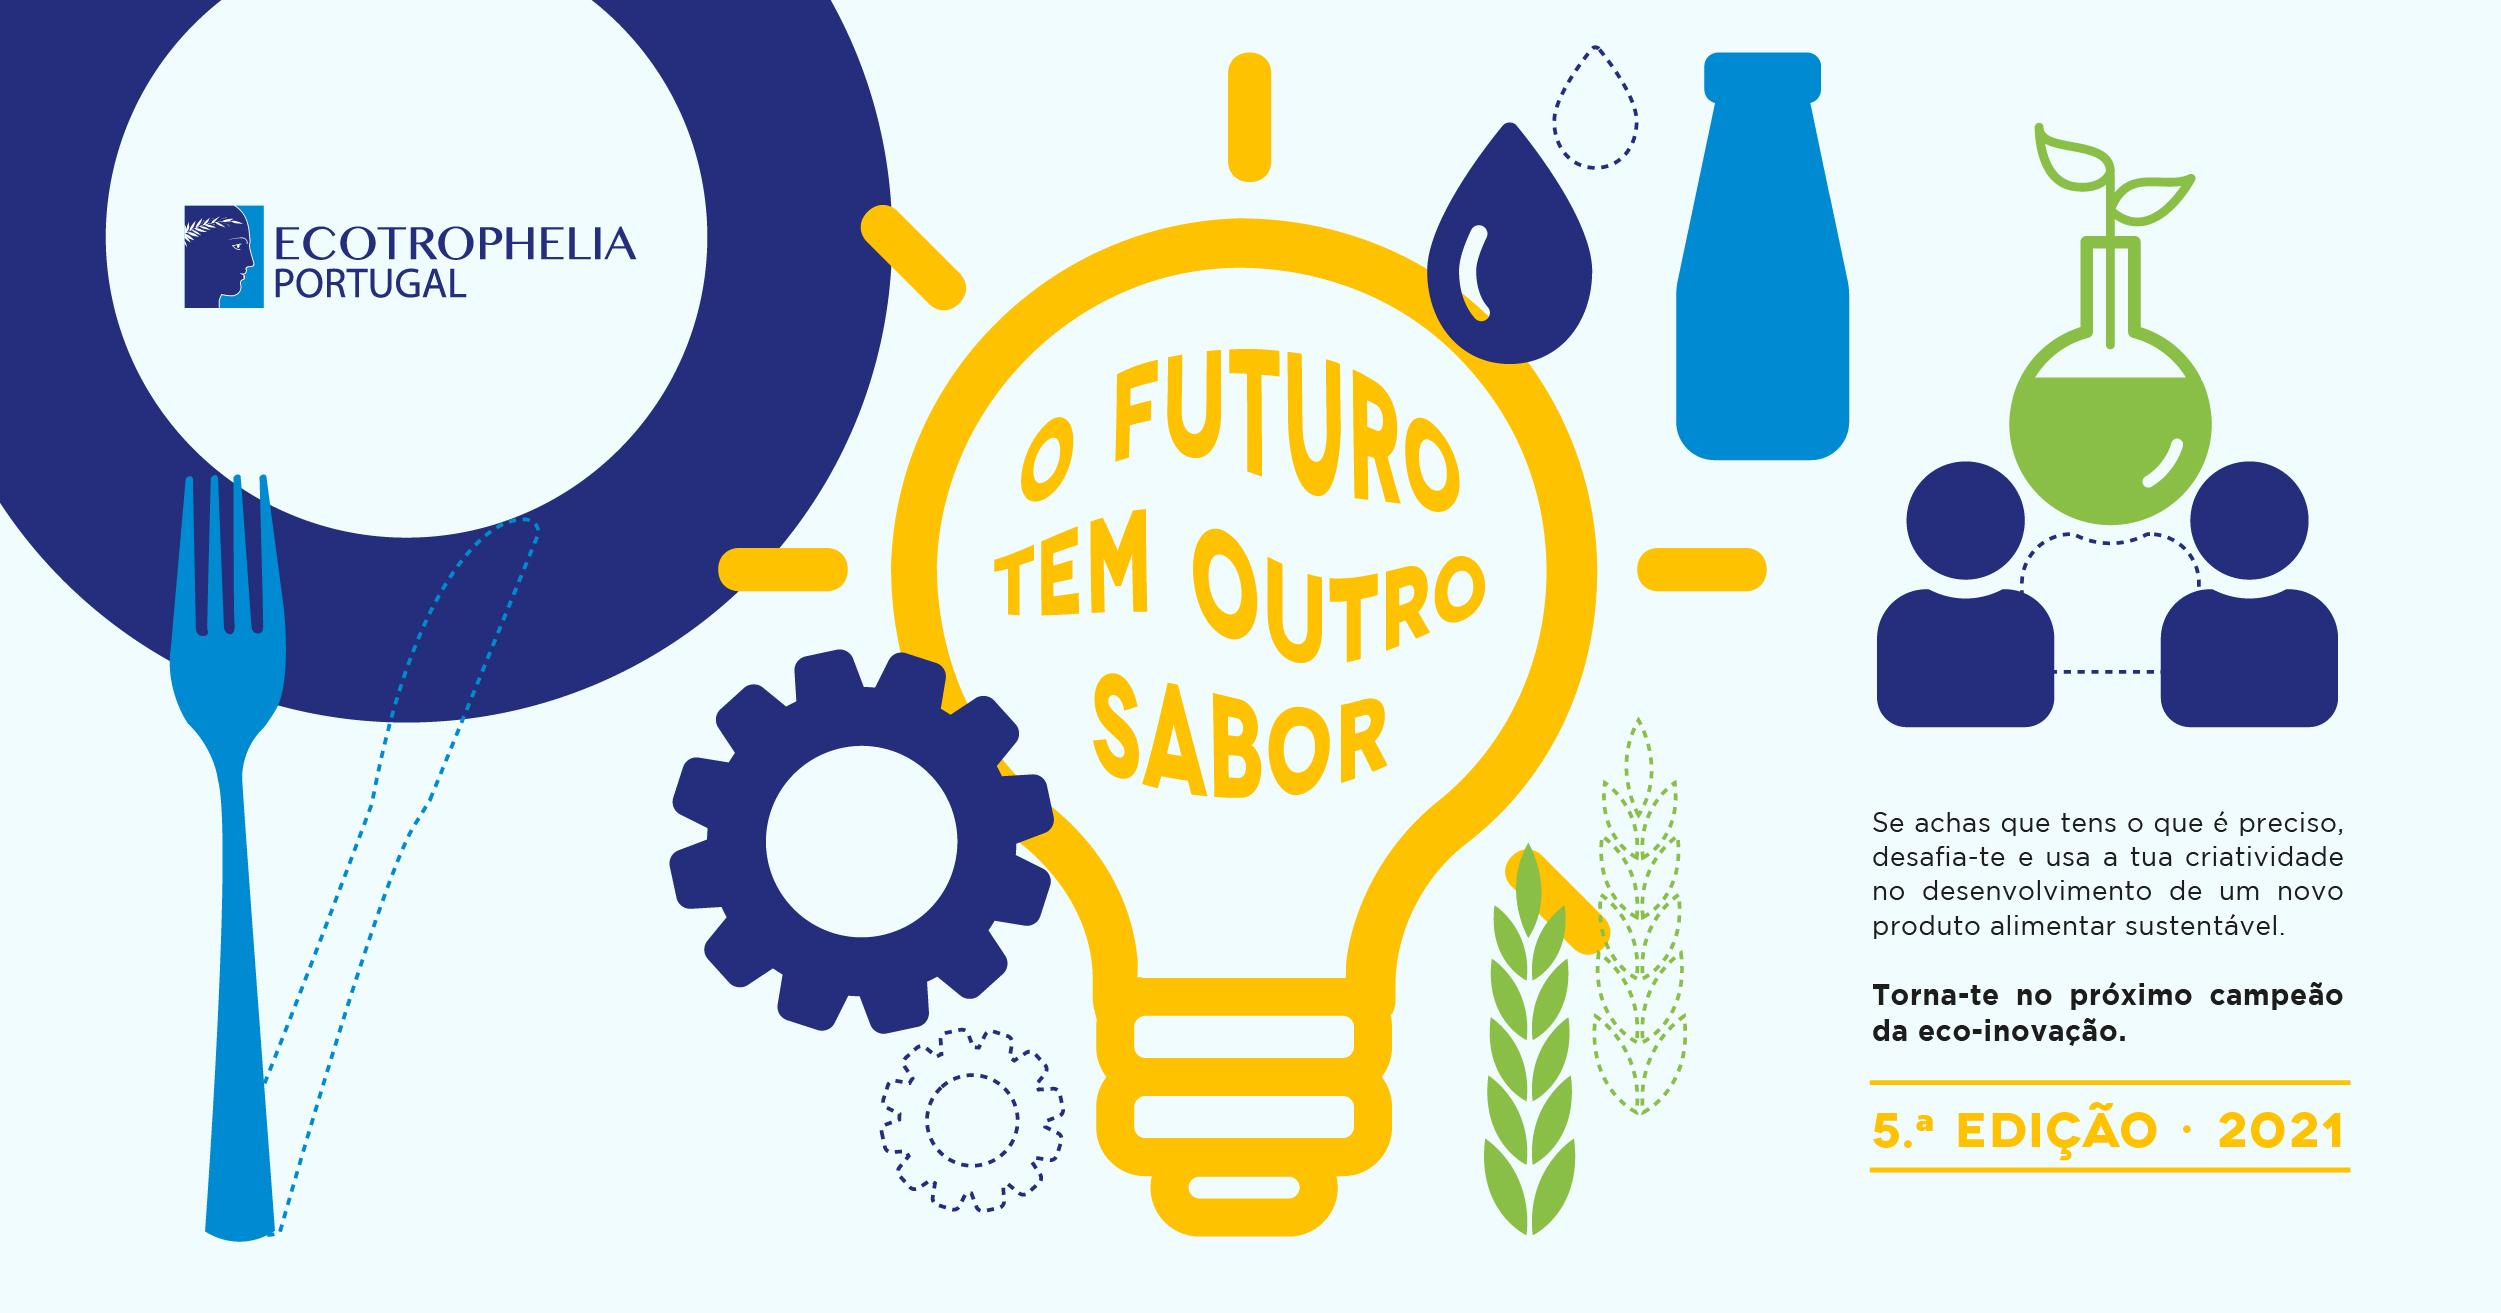 Ecotrophelia Portugal, Media, Press Release, Conheça os finalistas da 5.ª edição da competição de eco-inovação alimentar